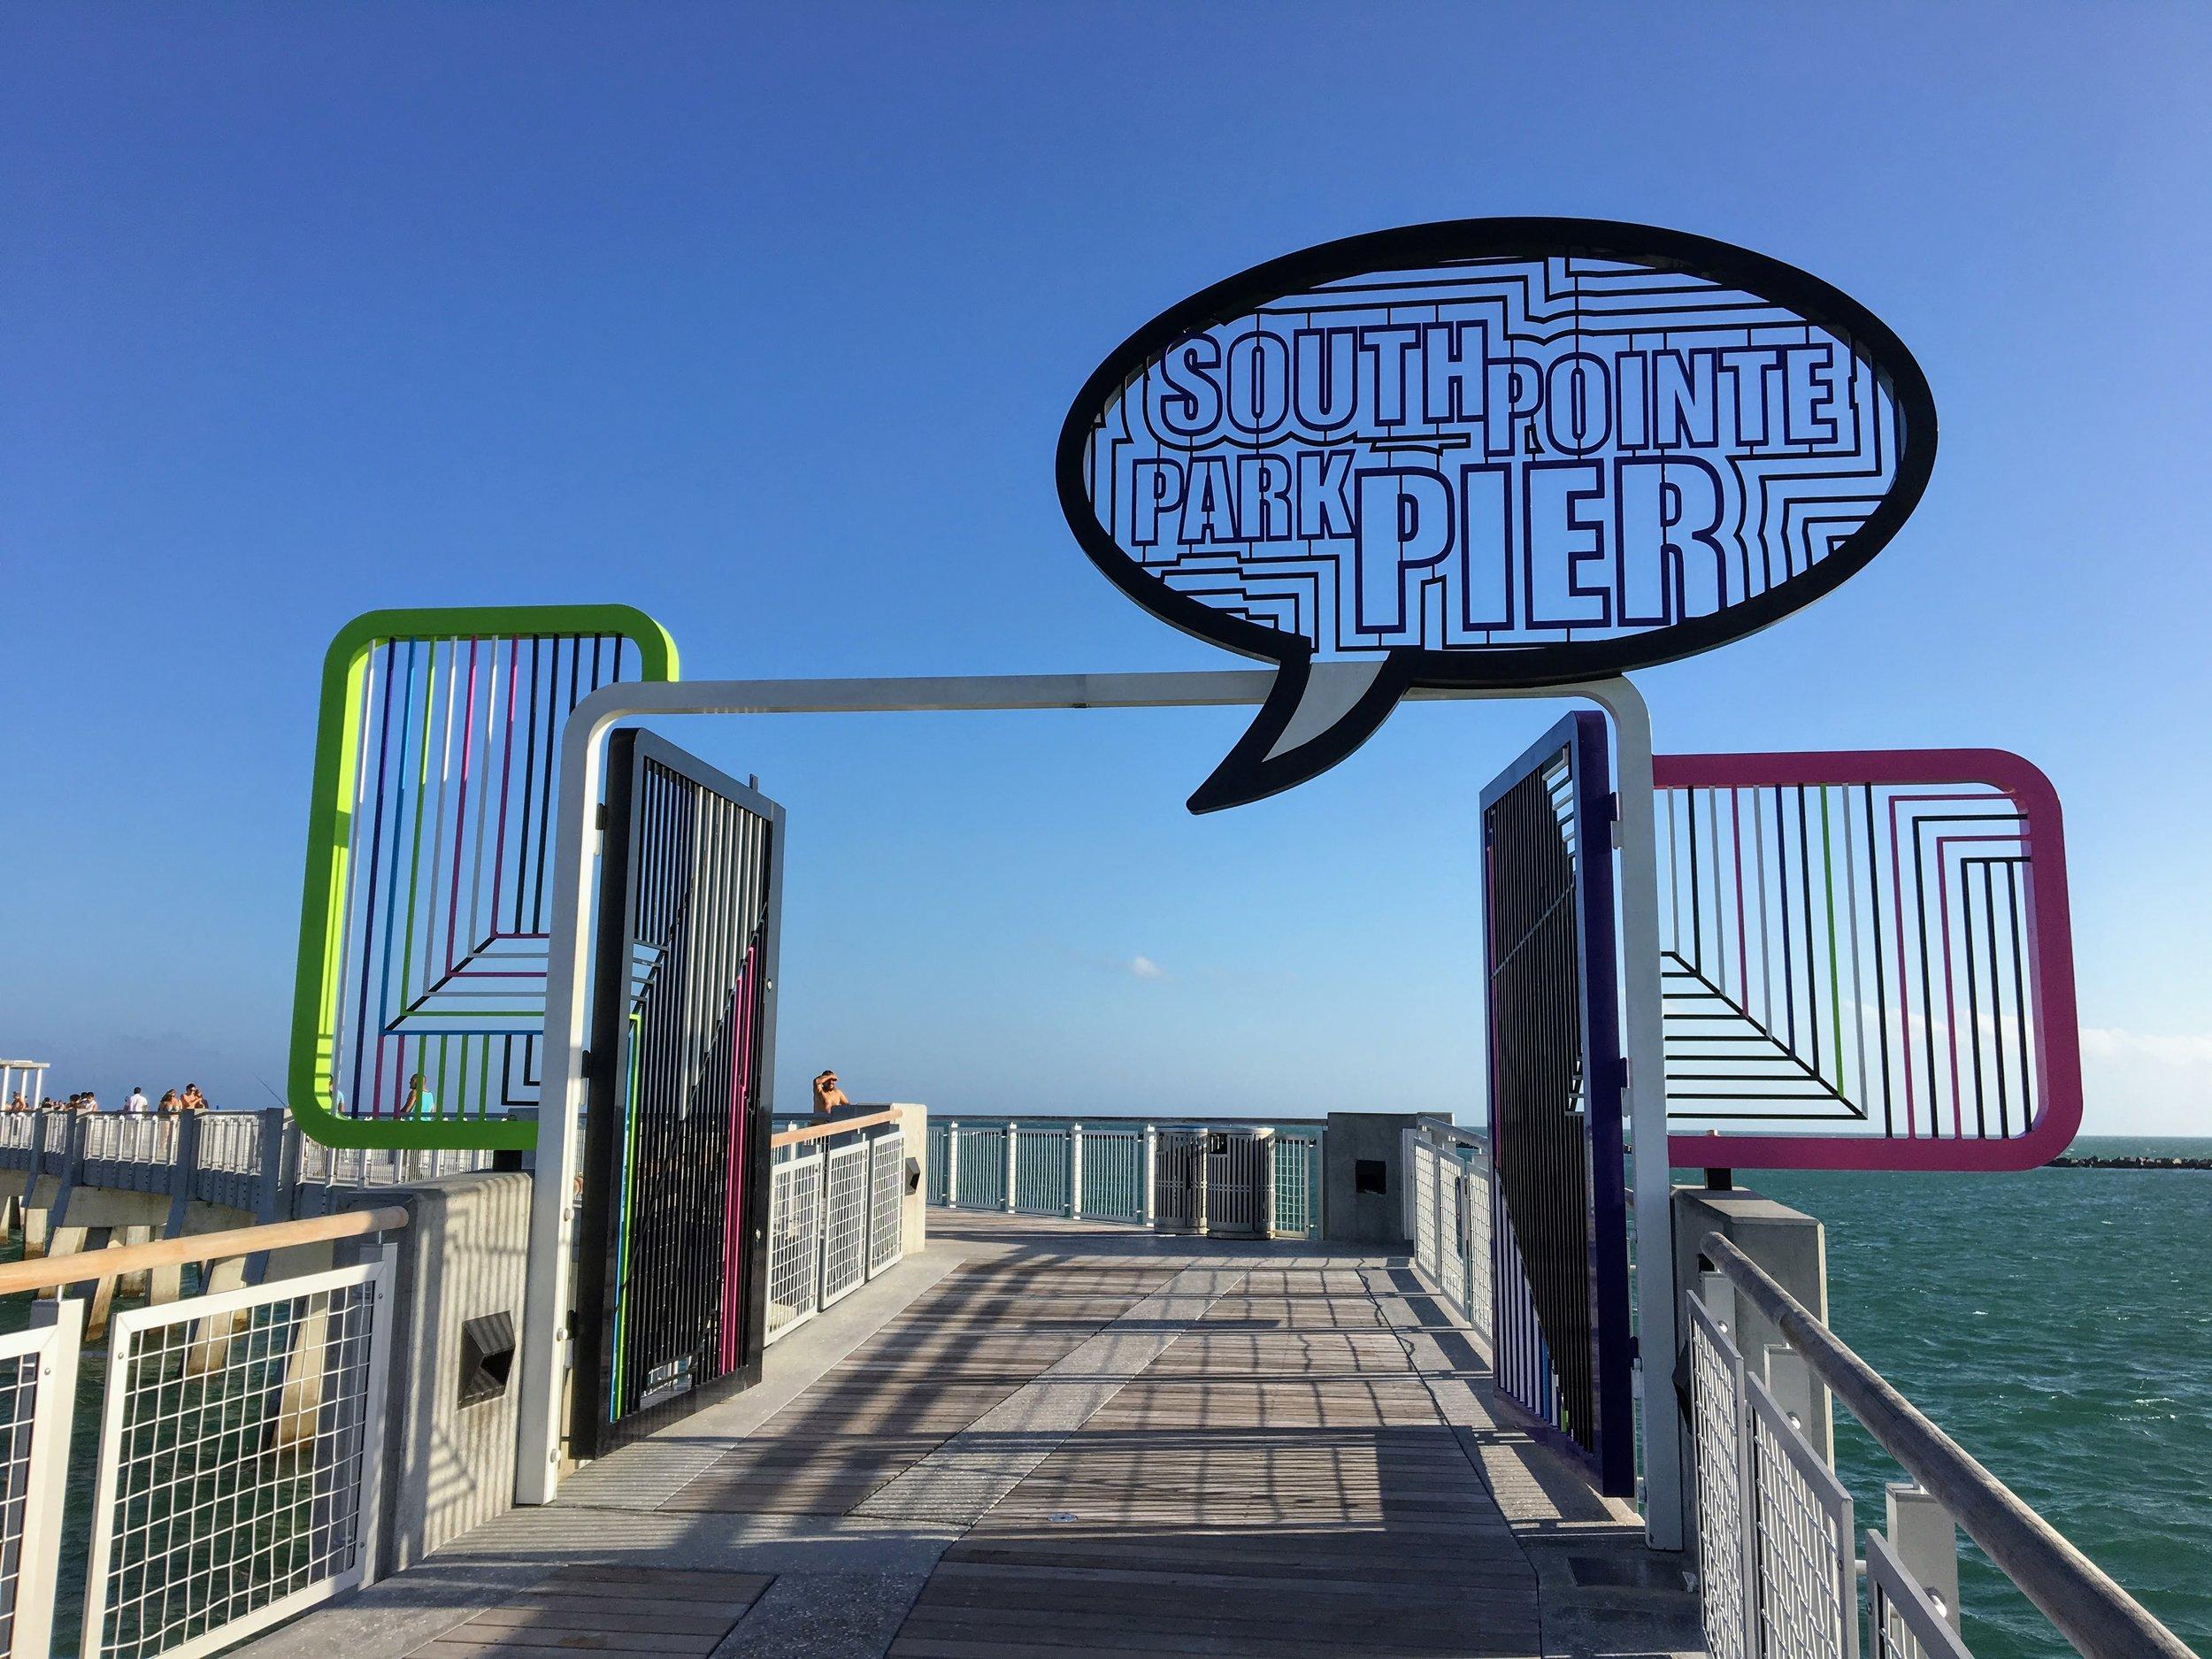 south pointe beach, miami, florida.JPG